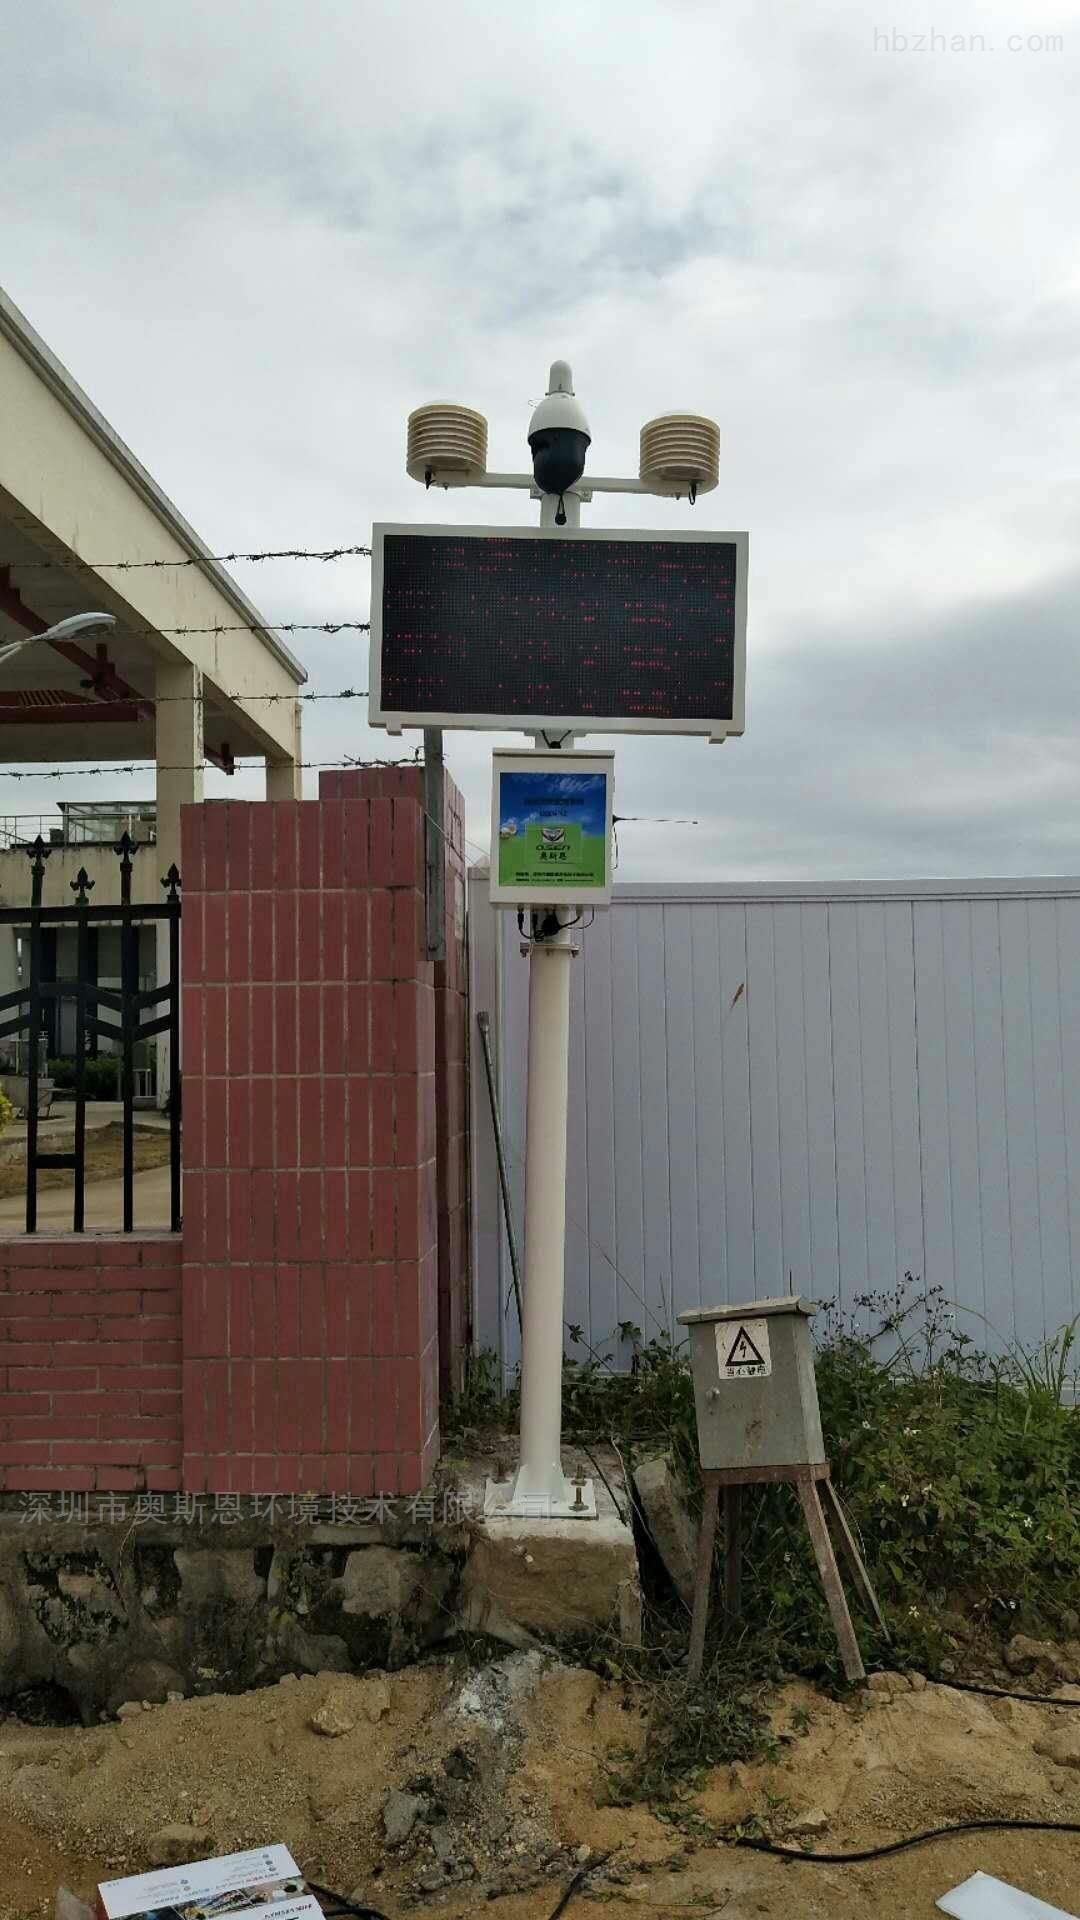 产业园区颗粒物浓度监测系统在线率高